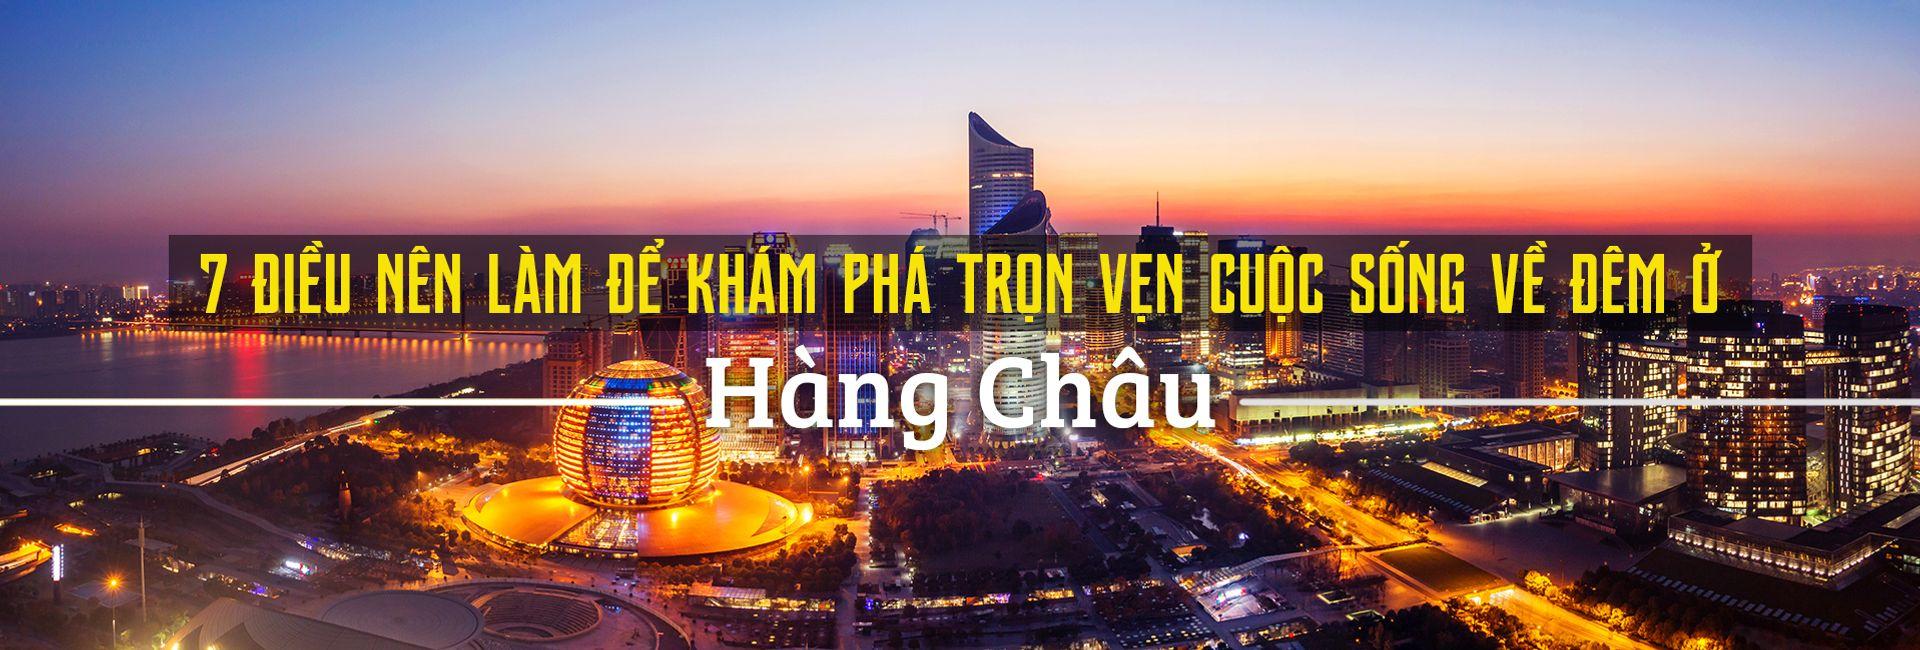 Top 7 hoạt động thú vị về đêm ở Hàng Châu, Trung Quốc